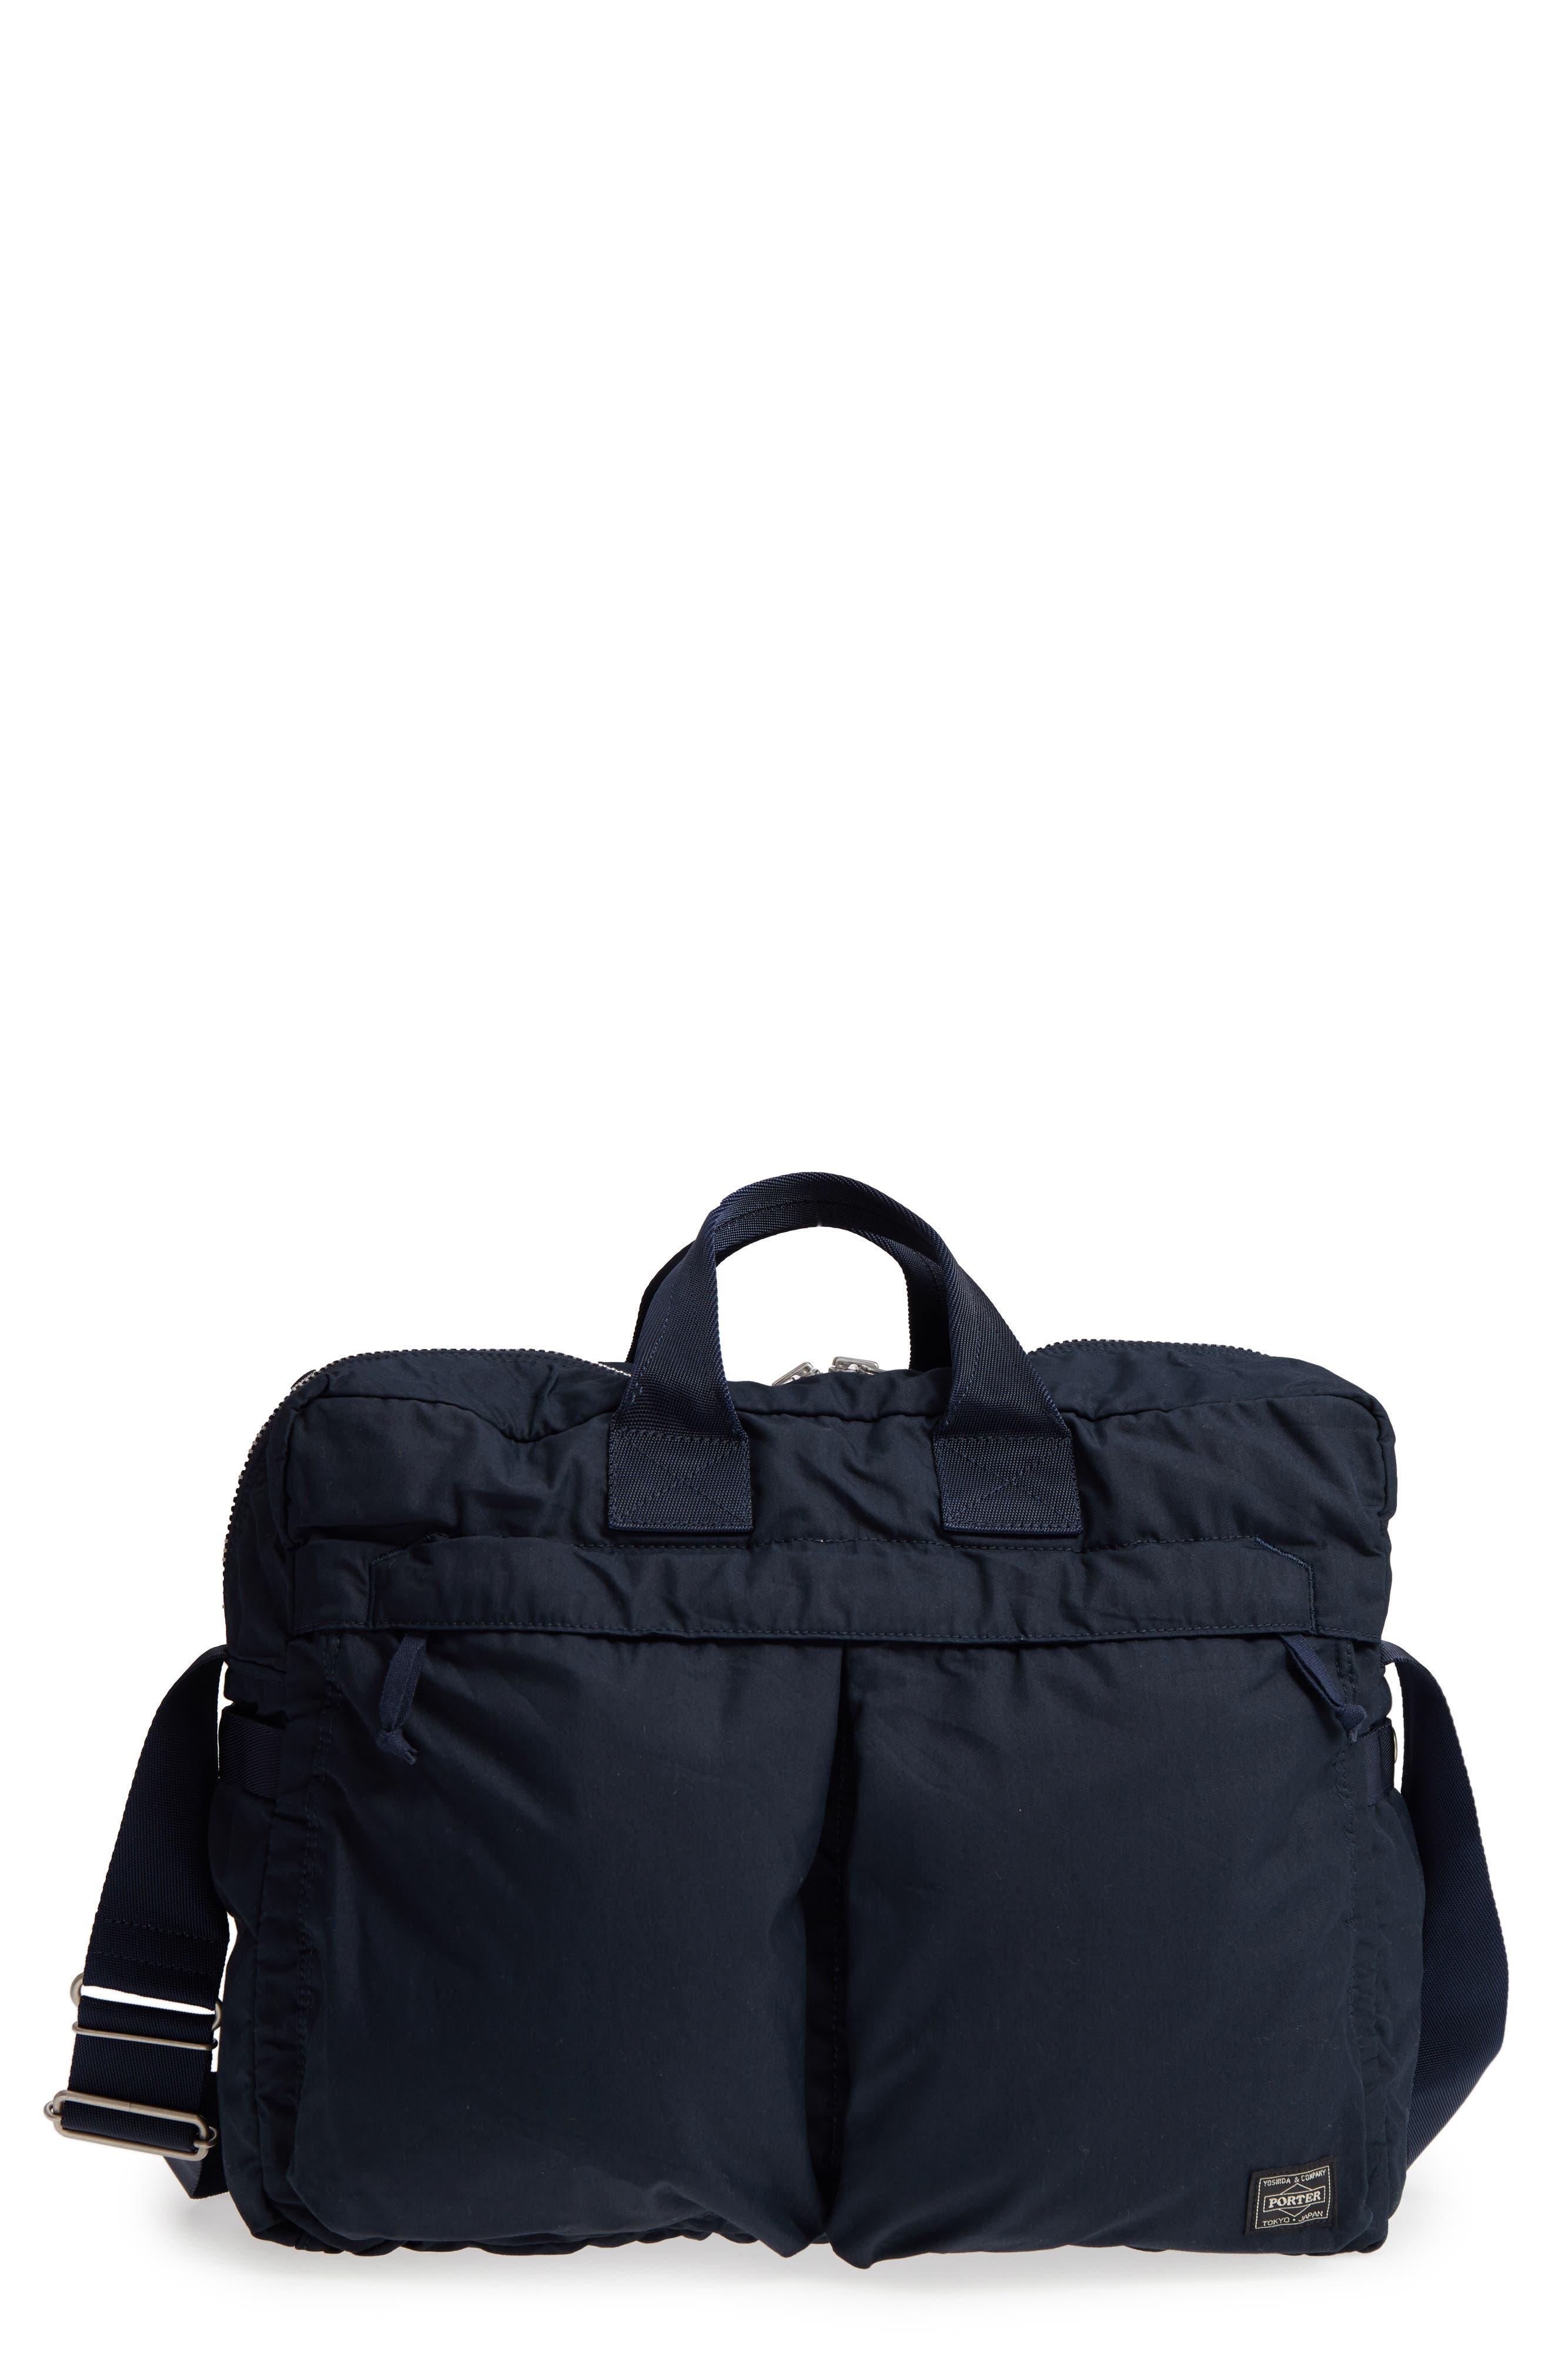 Porter-Yoshida & Co. Grain Boston Bag